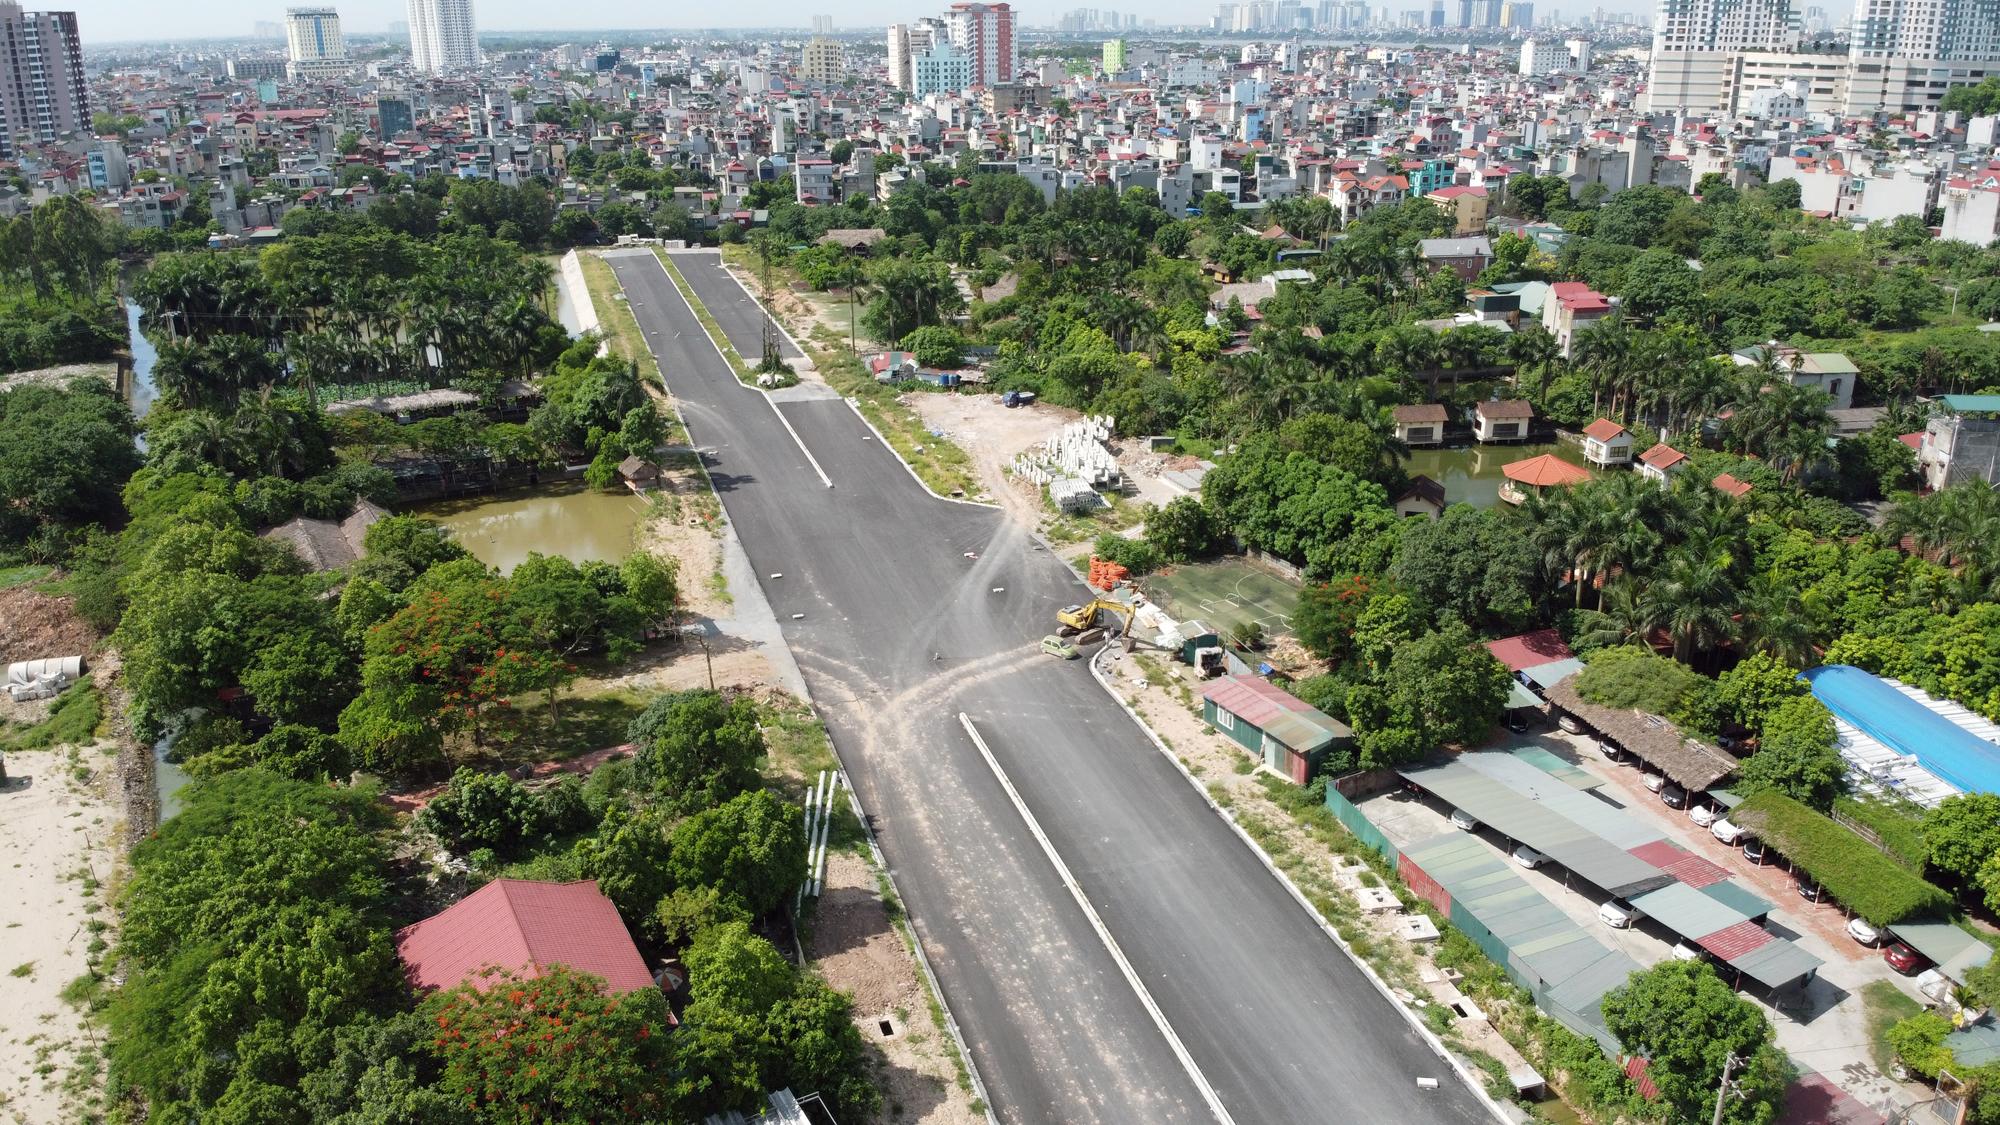 Đường ngàn tỉ nối Ngọc Thụy - Nguyễn Văn Cừ ở quận Long Biên mới làm được vài trăm mét - Ảnh 10.